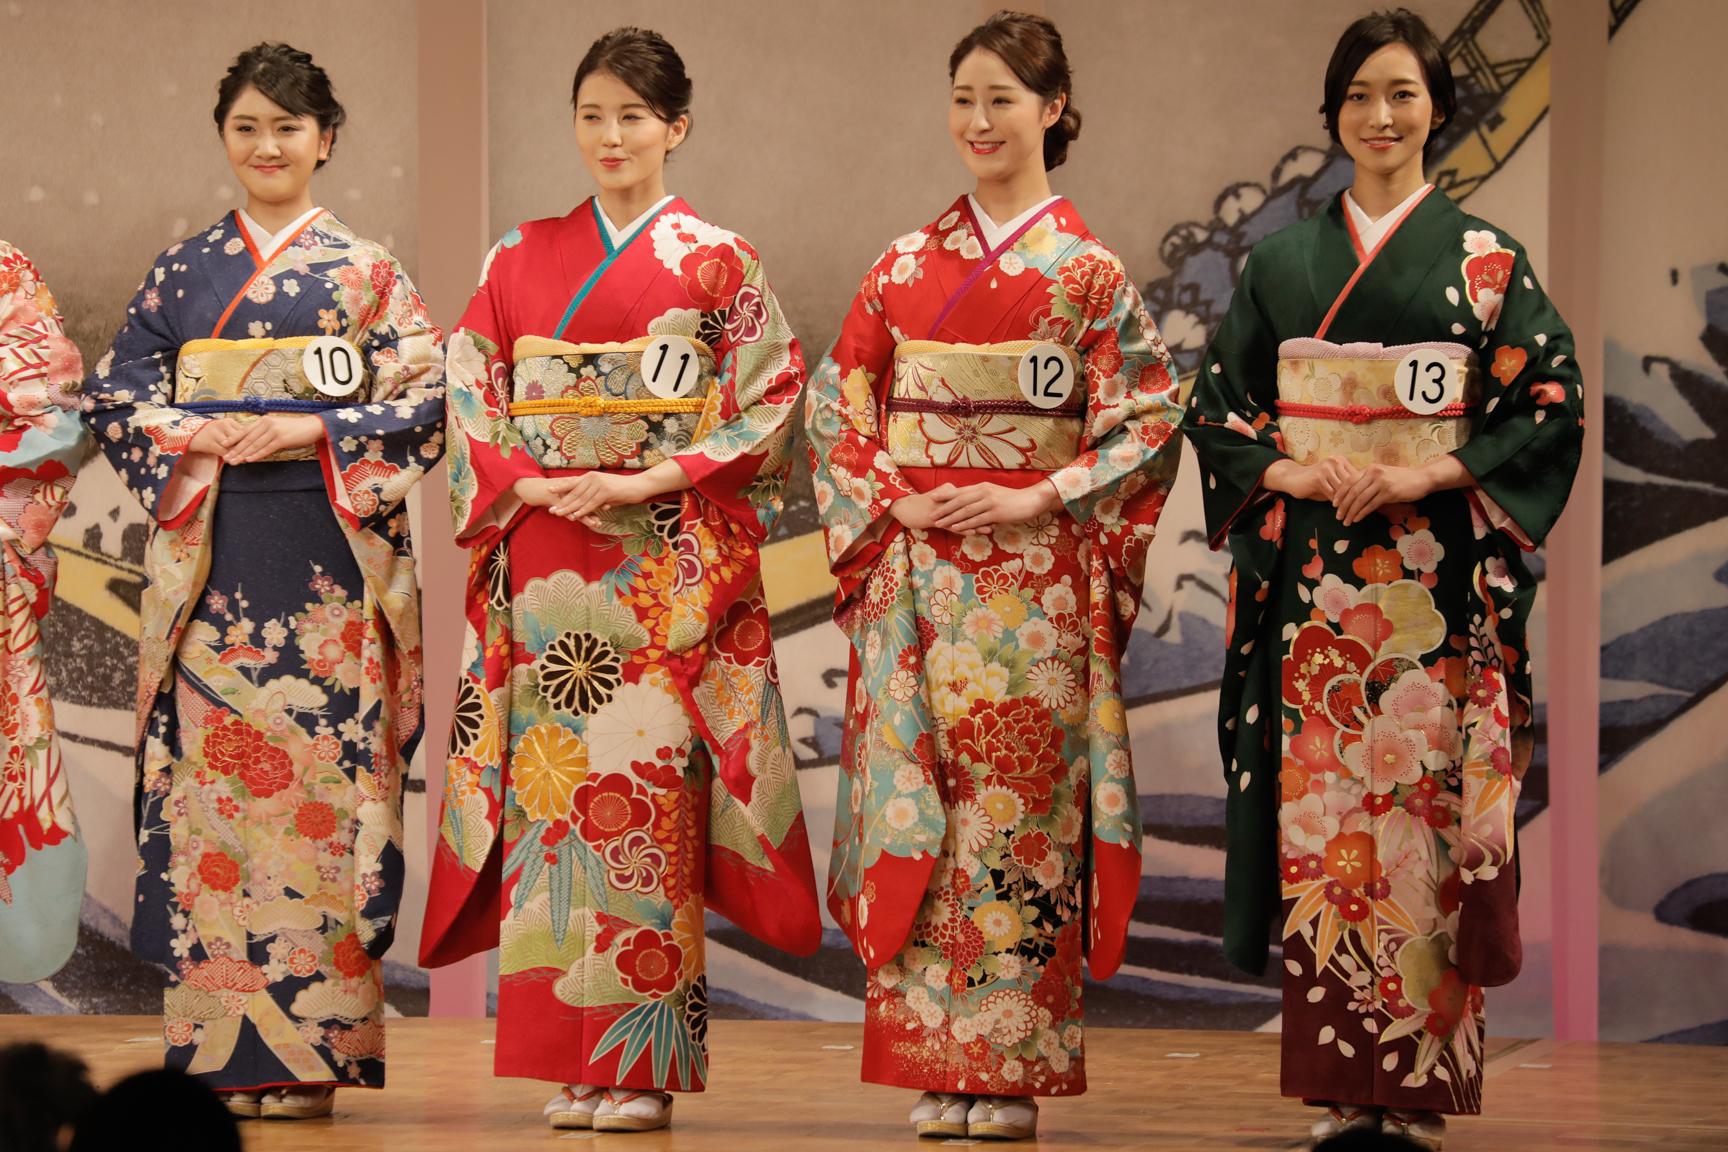 ミス日本、ブライダルスタイリスト SOGA による振袖と着付けで登場